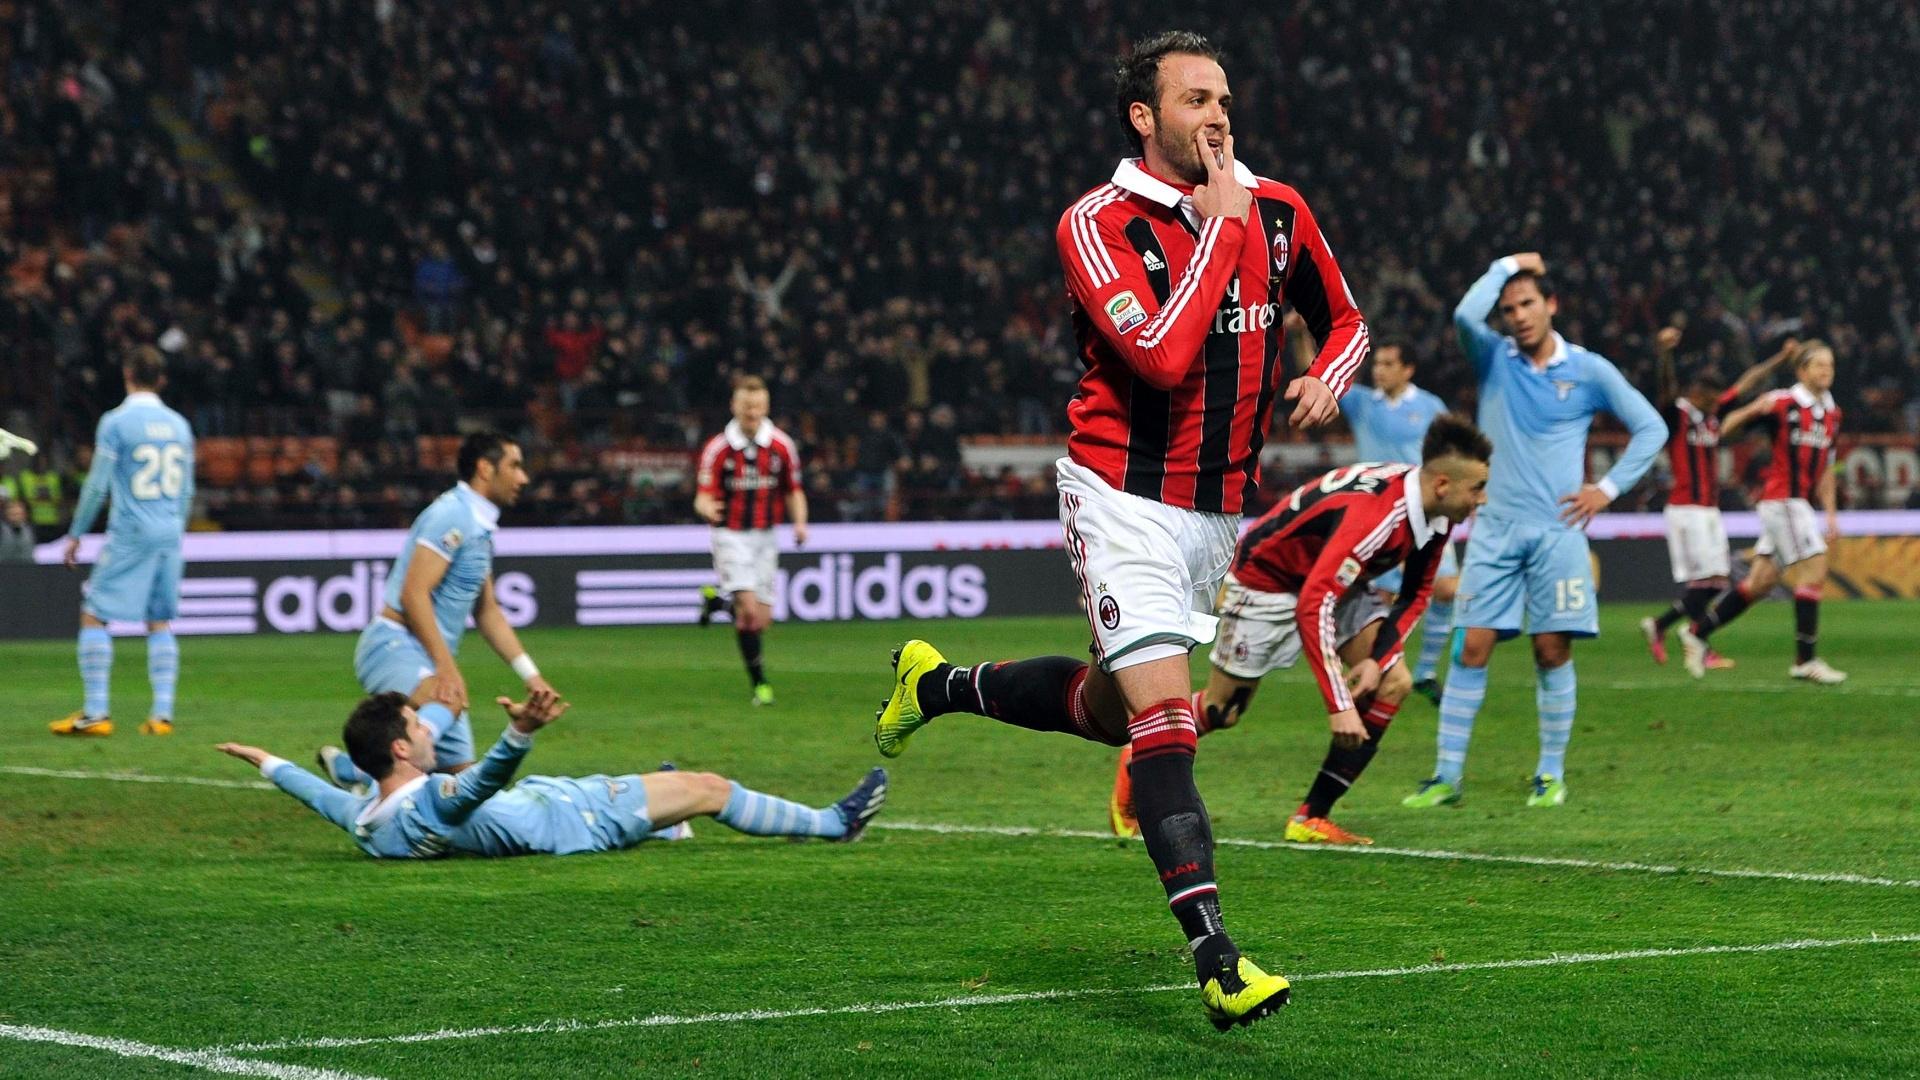 No clássico contra a Lazio, Pazzini marcou duas vezes para o Milan, que tenta diminuir a diferença para a líder Juventus no Italiano